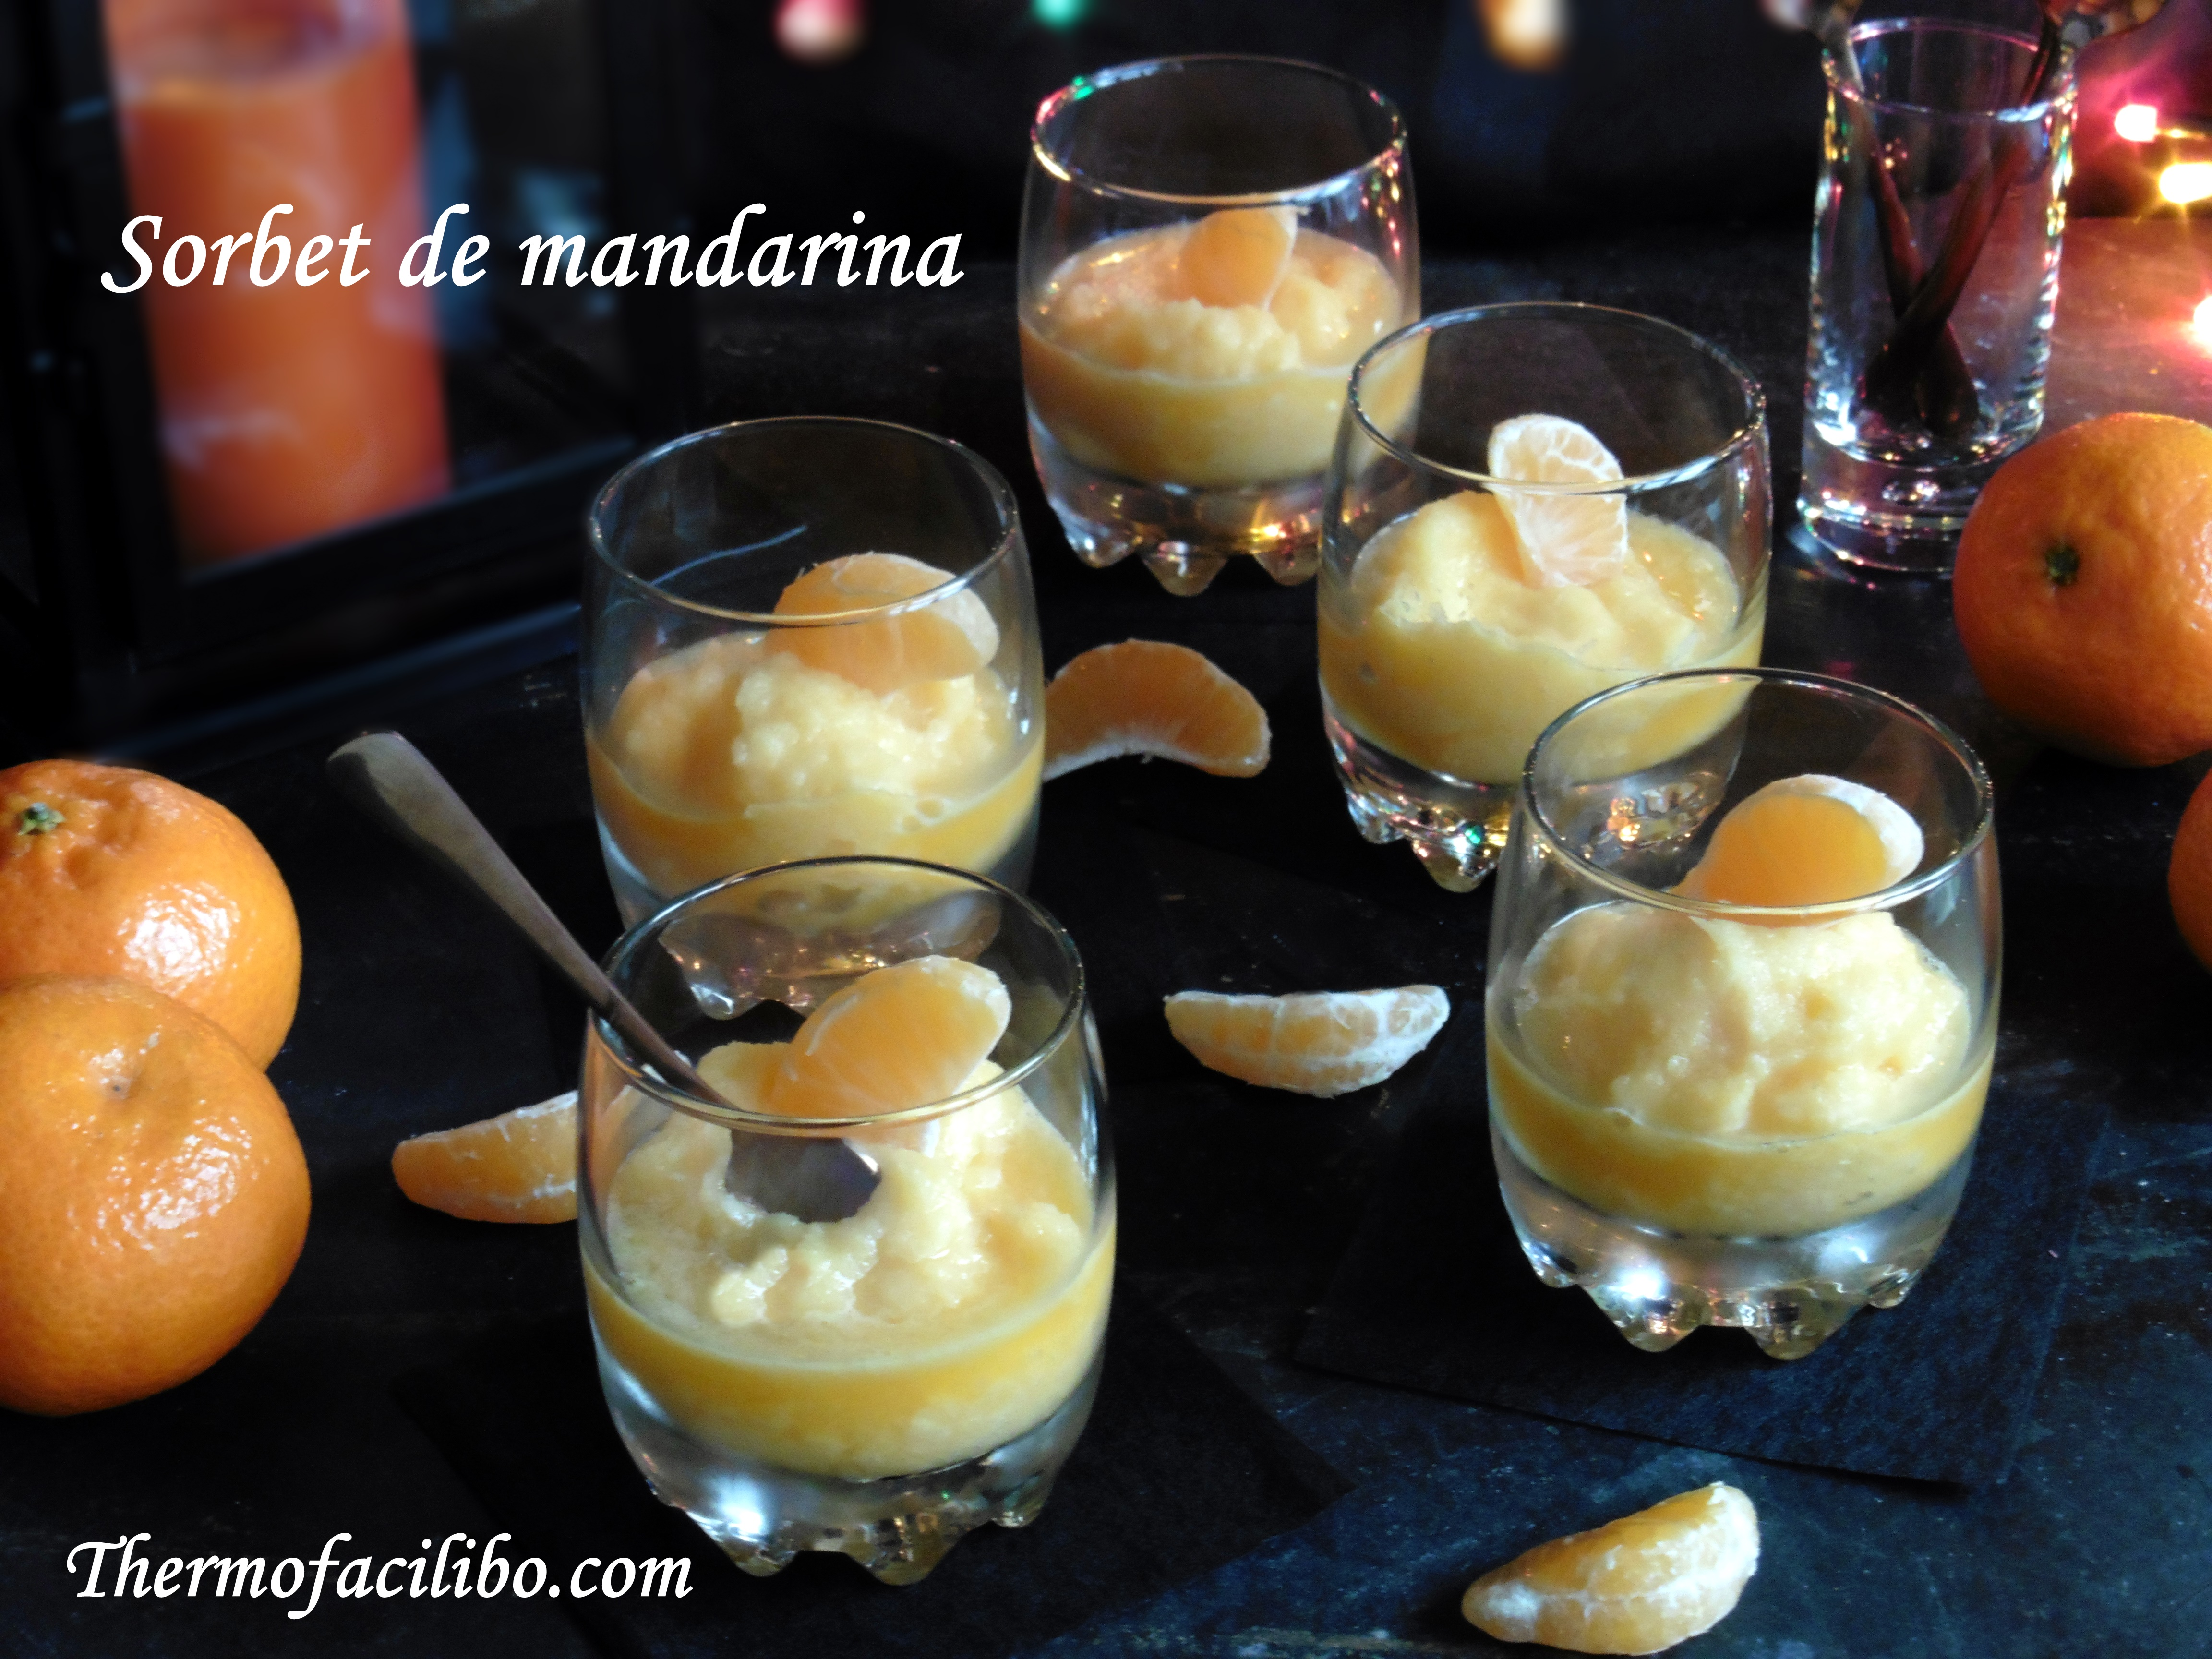 Sorbet de mandarina..